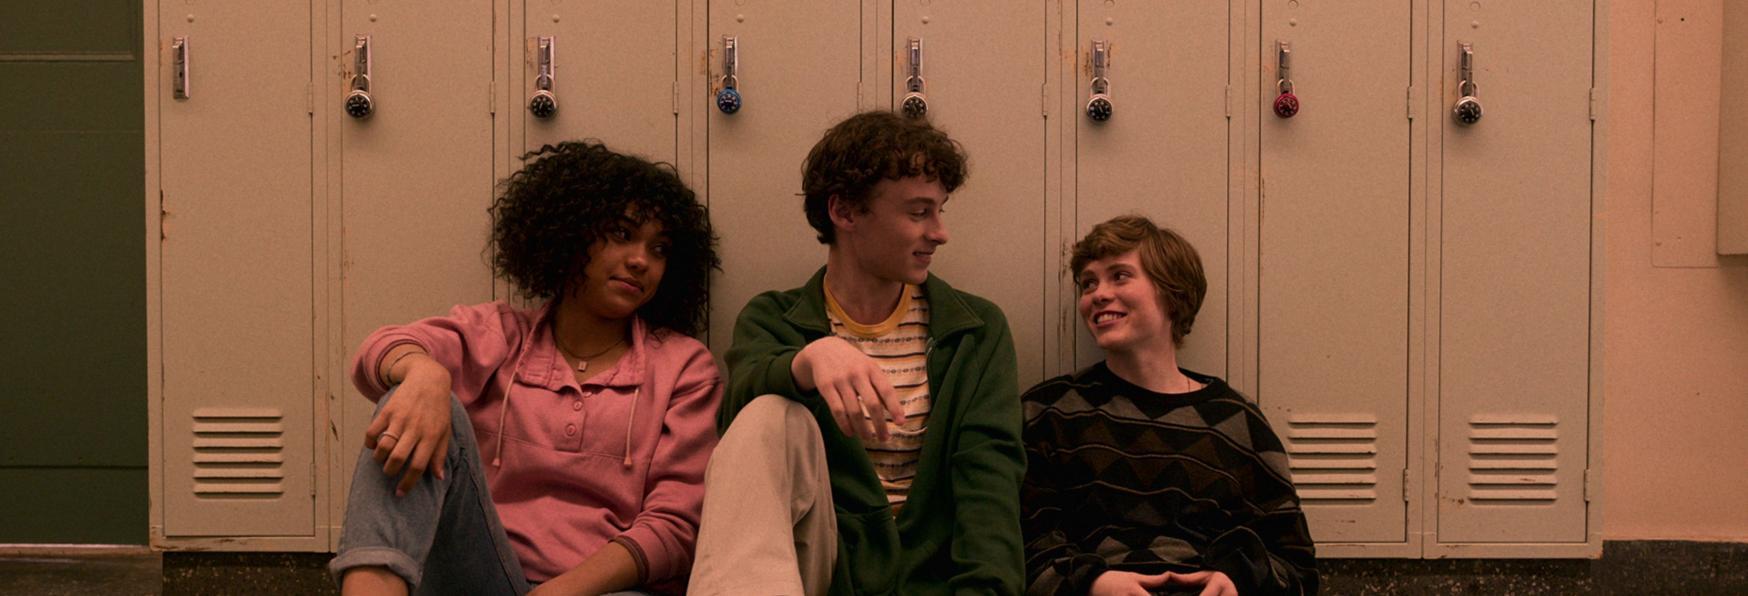 I Am Not Okay With This: tutte le Informazioni Note sulla nuova Serie TV Netflix